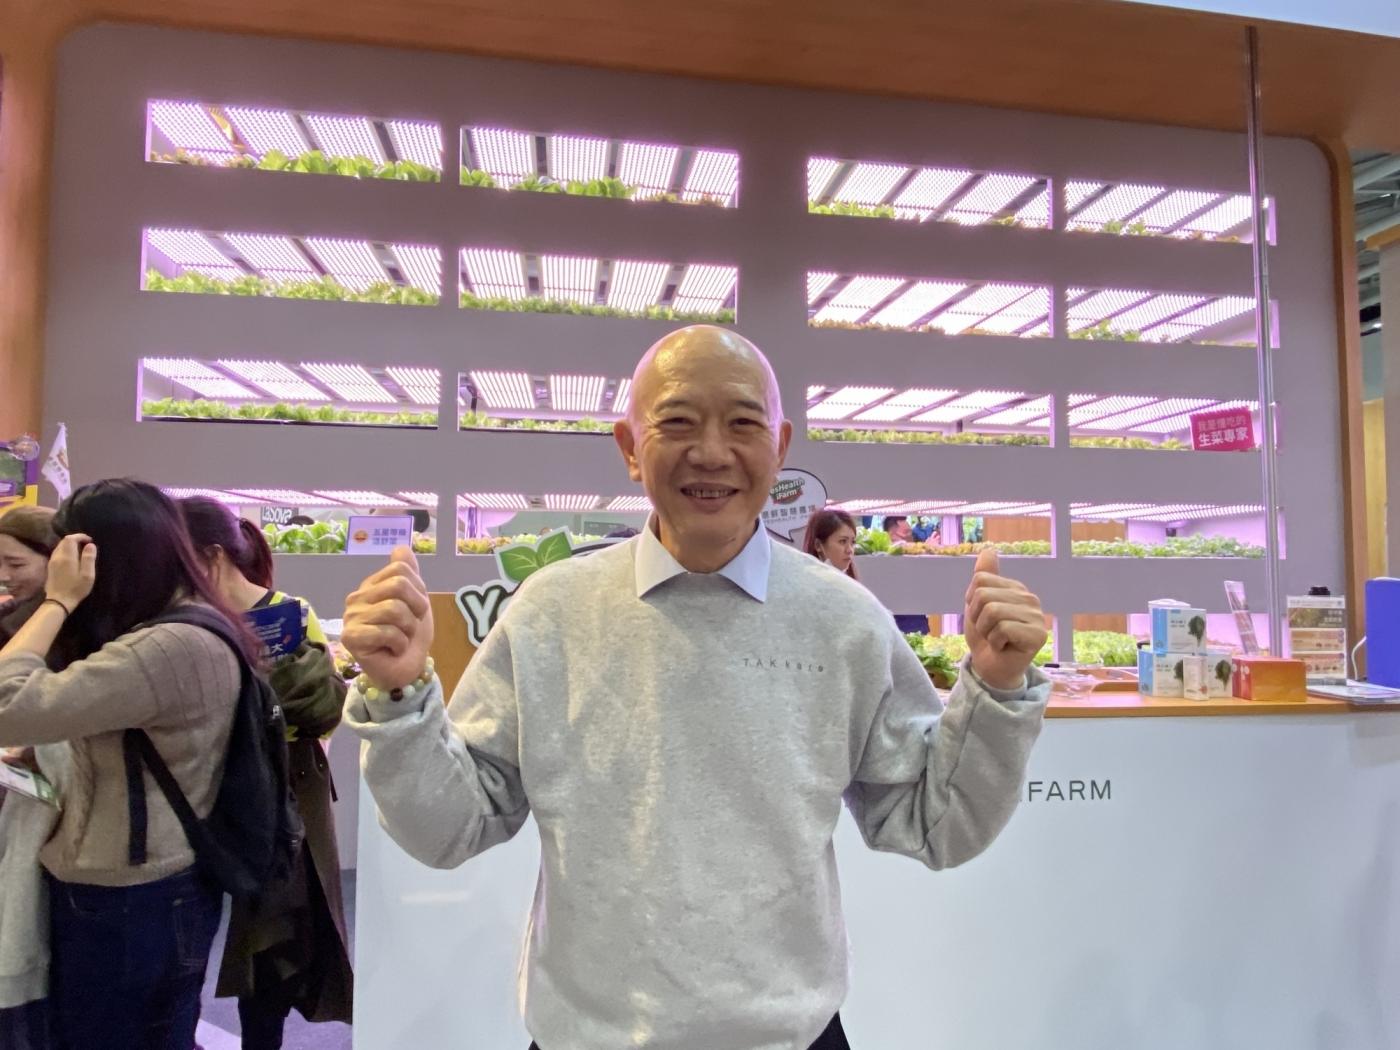 特力總裁何湯雄將開特安康實體店!賣保健品、蔬菜,還拍片變身網紅老闆